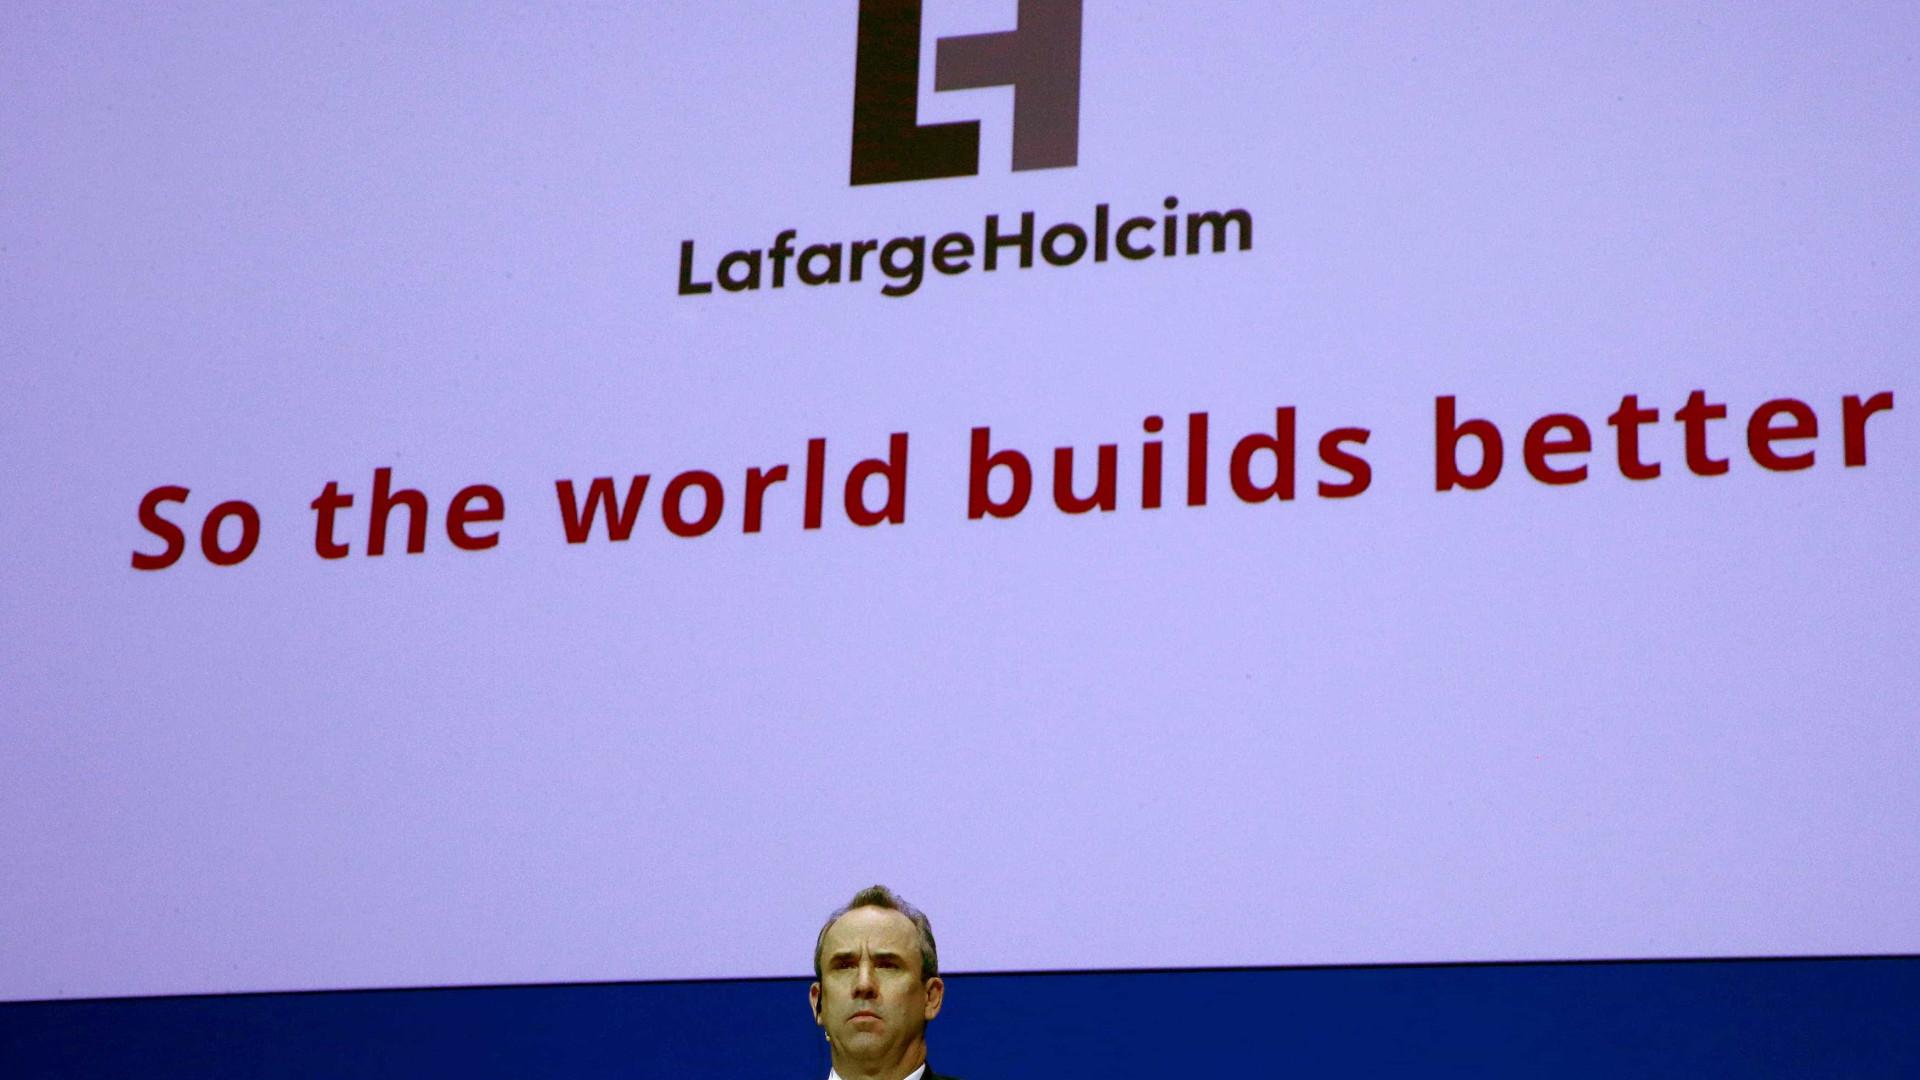 Síria: Ex-presidente da LafargeHolcim acusado de financiar terrorismo